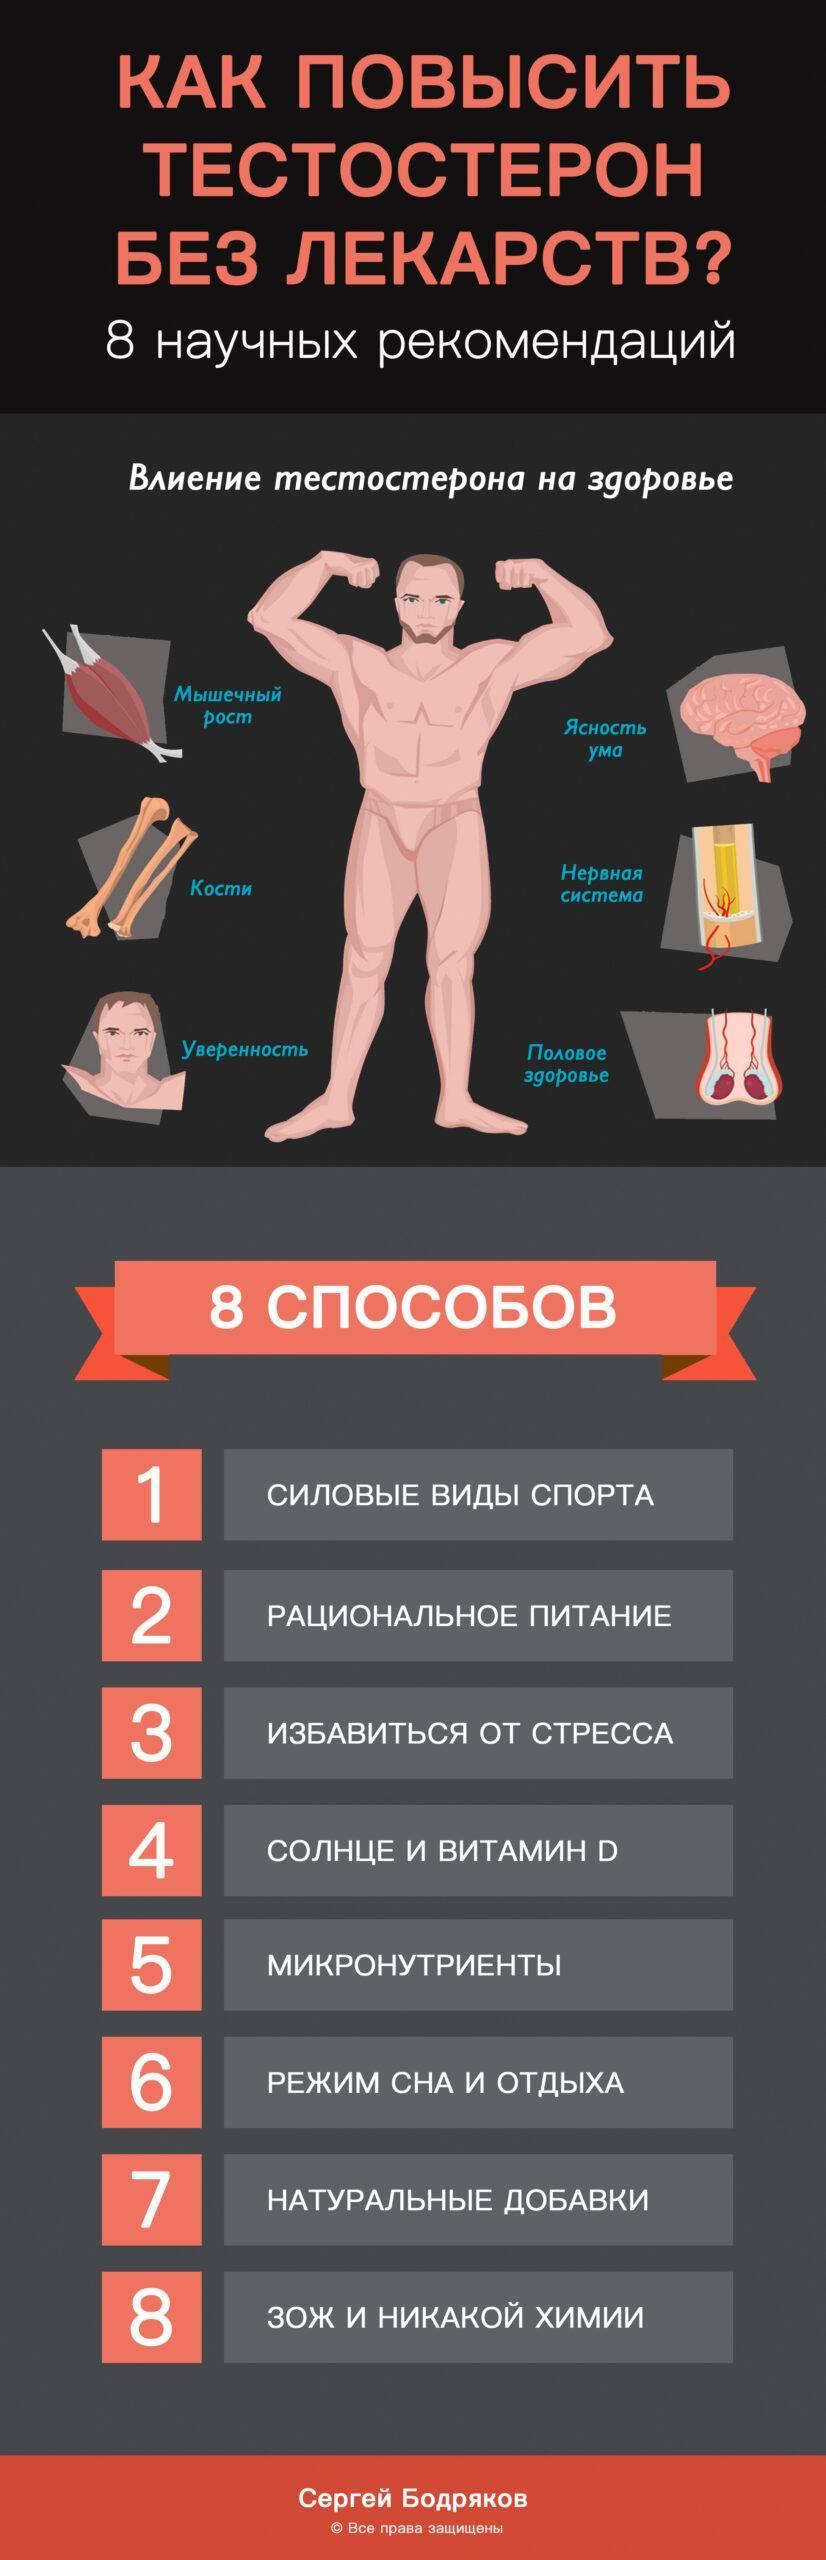 Какие продукты помогут снизить уровень тестостерона у женщин с спкя